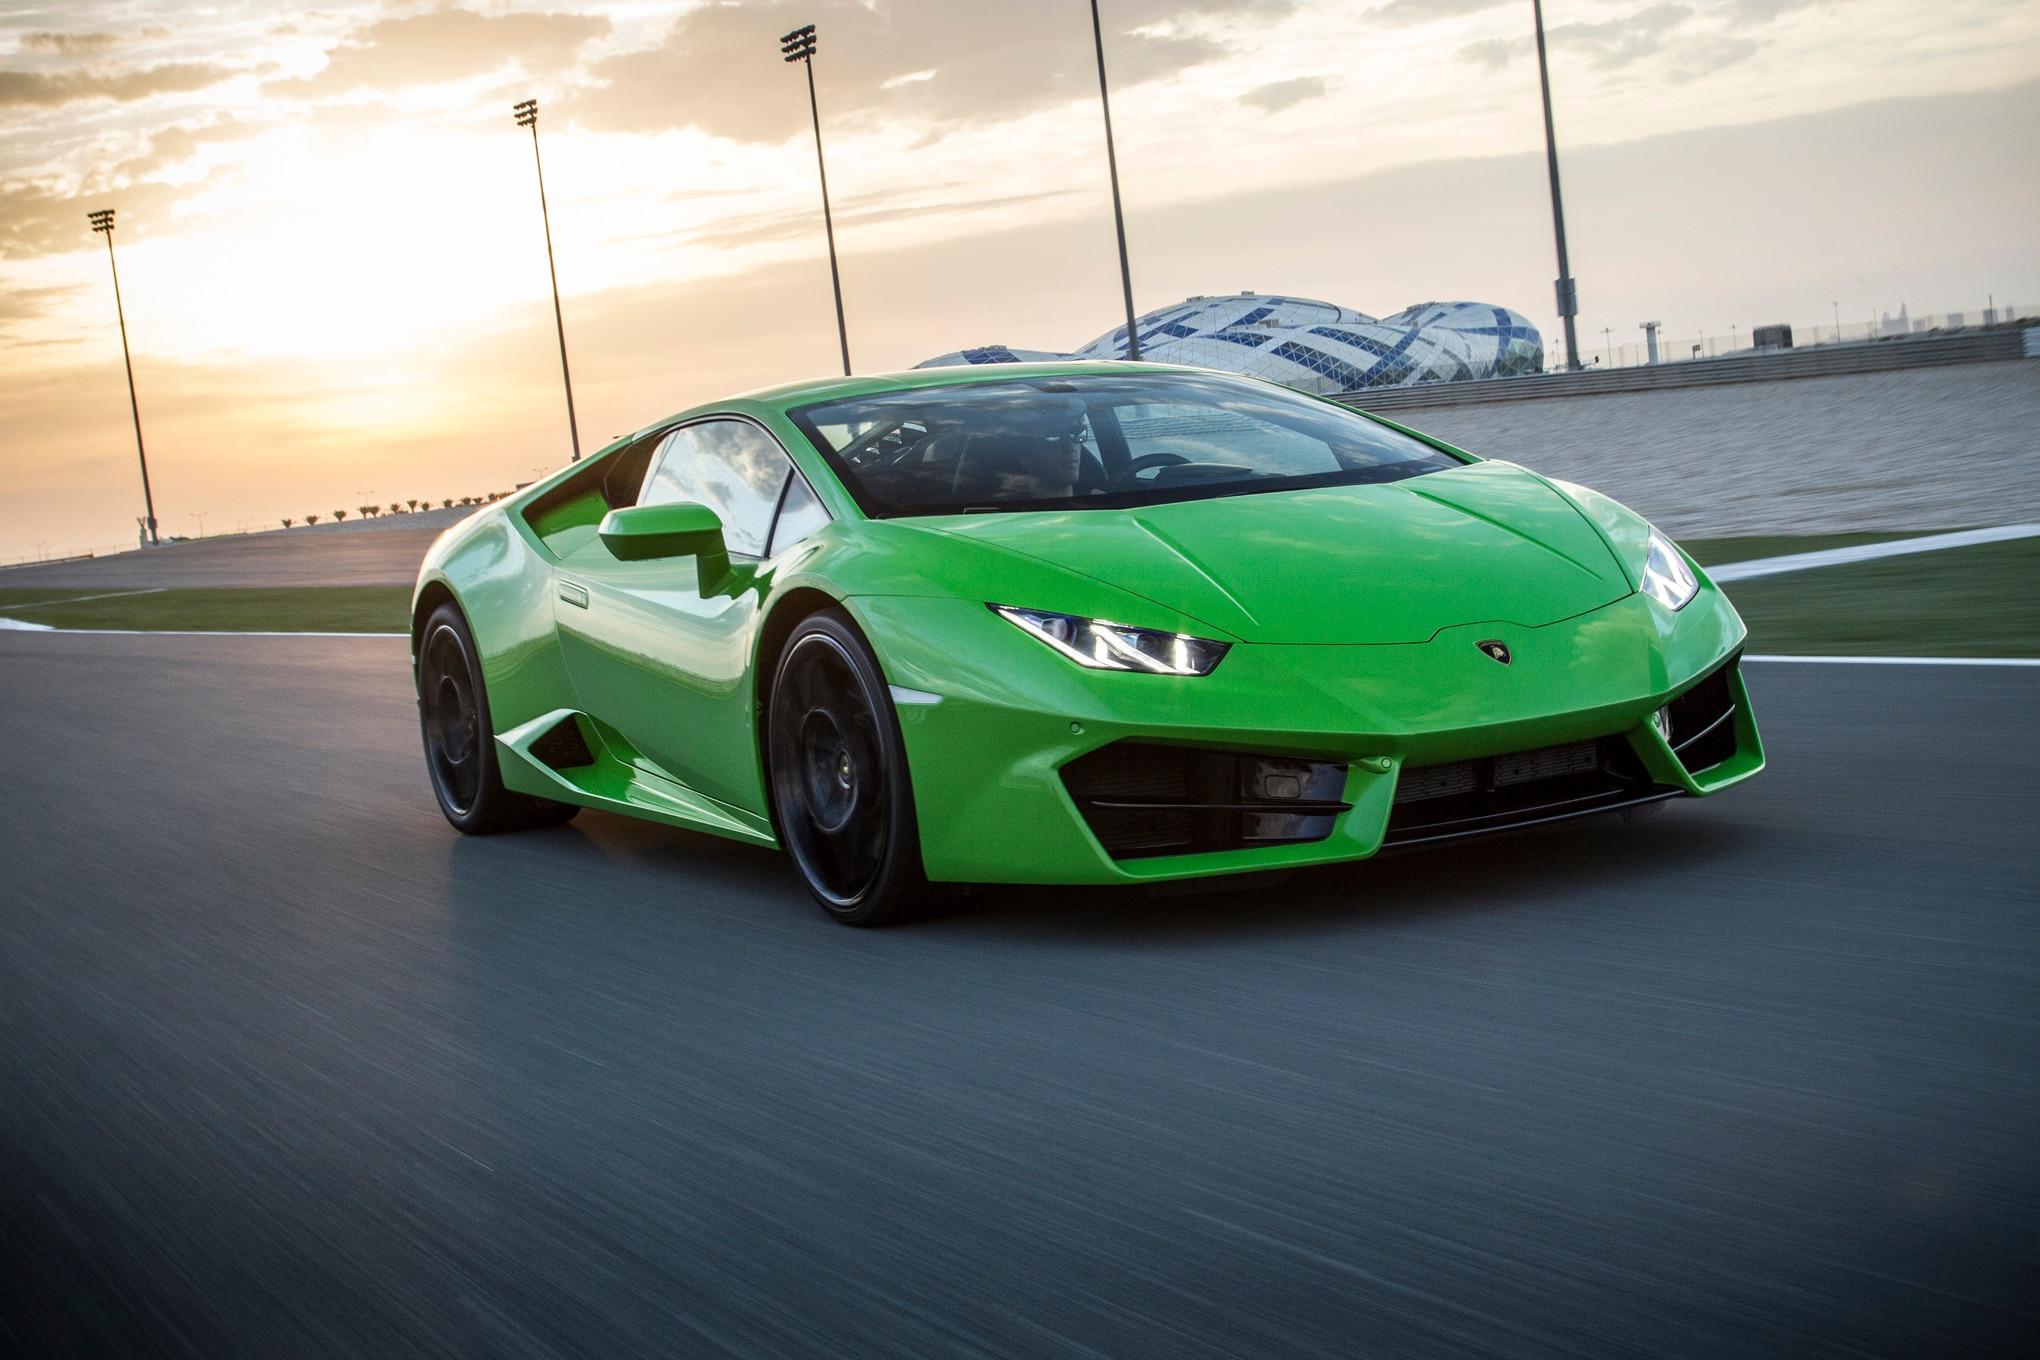 2016-Lamborghini-Huracan-LP580-2-front-three-quarter-in-motion-055 Marvelous Lamborghini Huracan Price In Uae Cars Trend